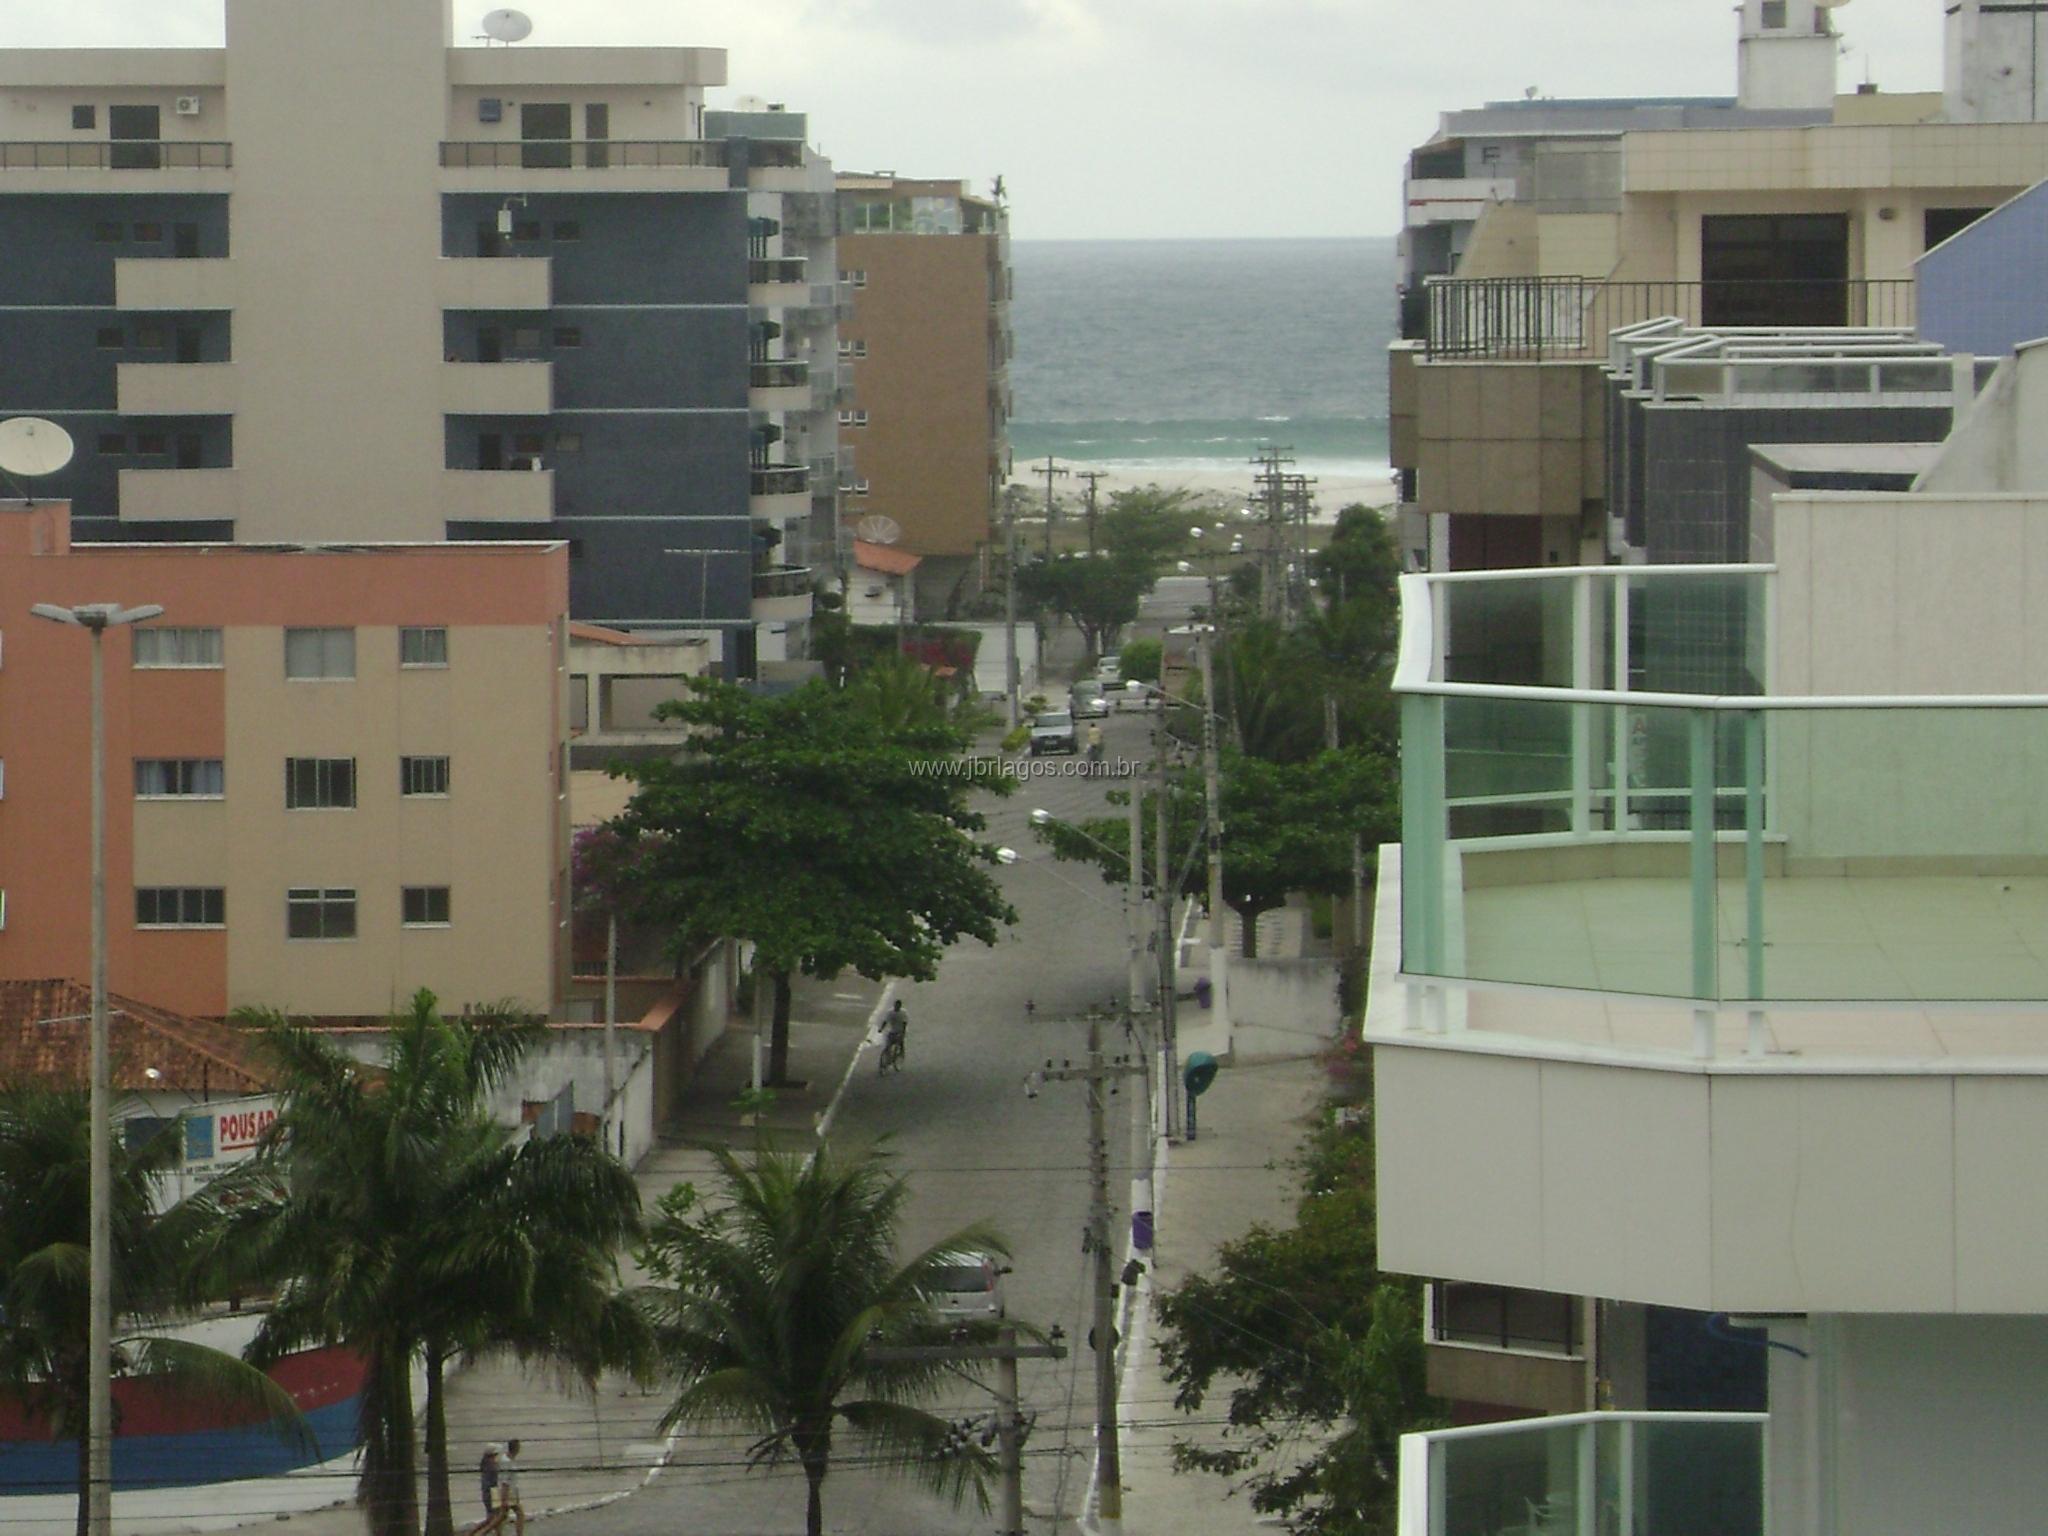 Cobertura perto da Praia do Forte e comércio com vista lateral Mar